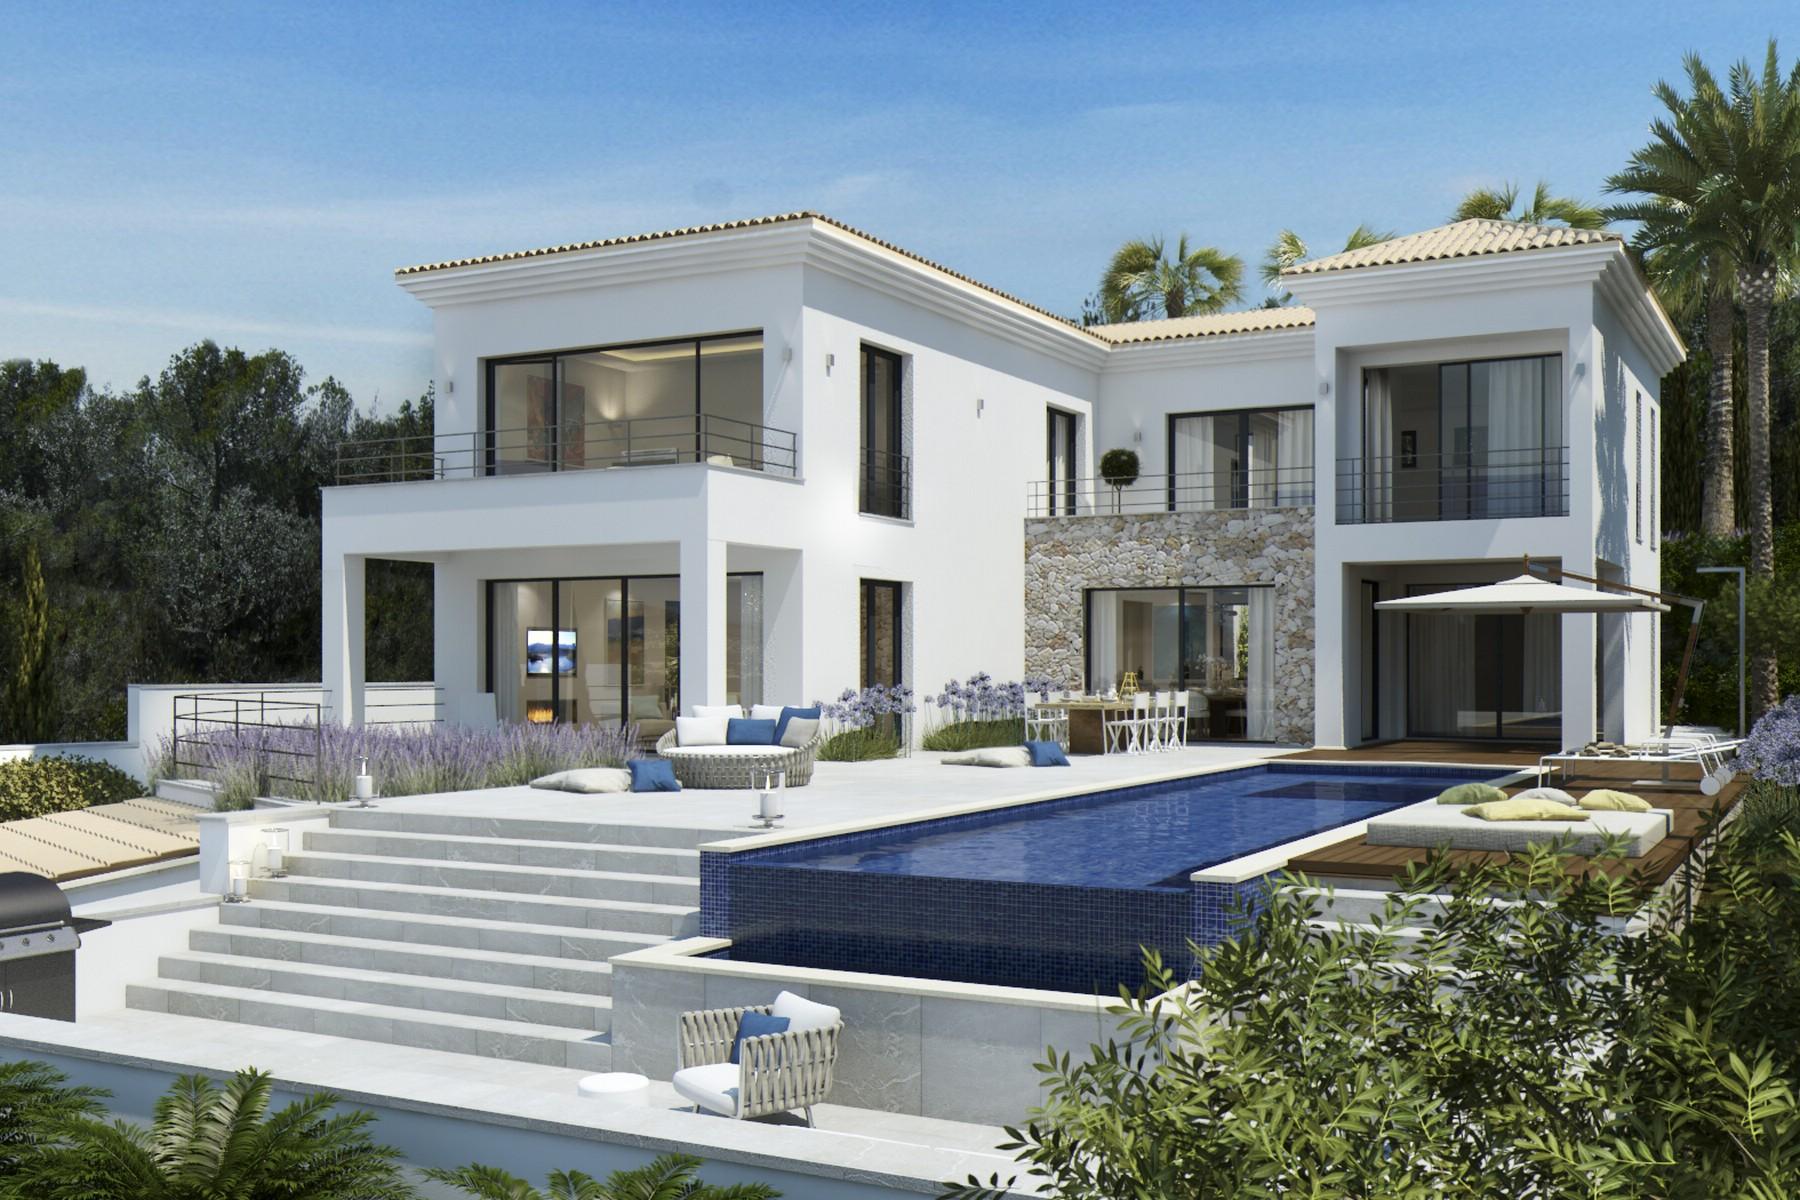 Villa per Vendita alle ore Renewed Villa with seaview in Santa Ponsa Nova Santa Ponsa, Maiorca, 07180 Spagna